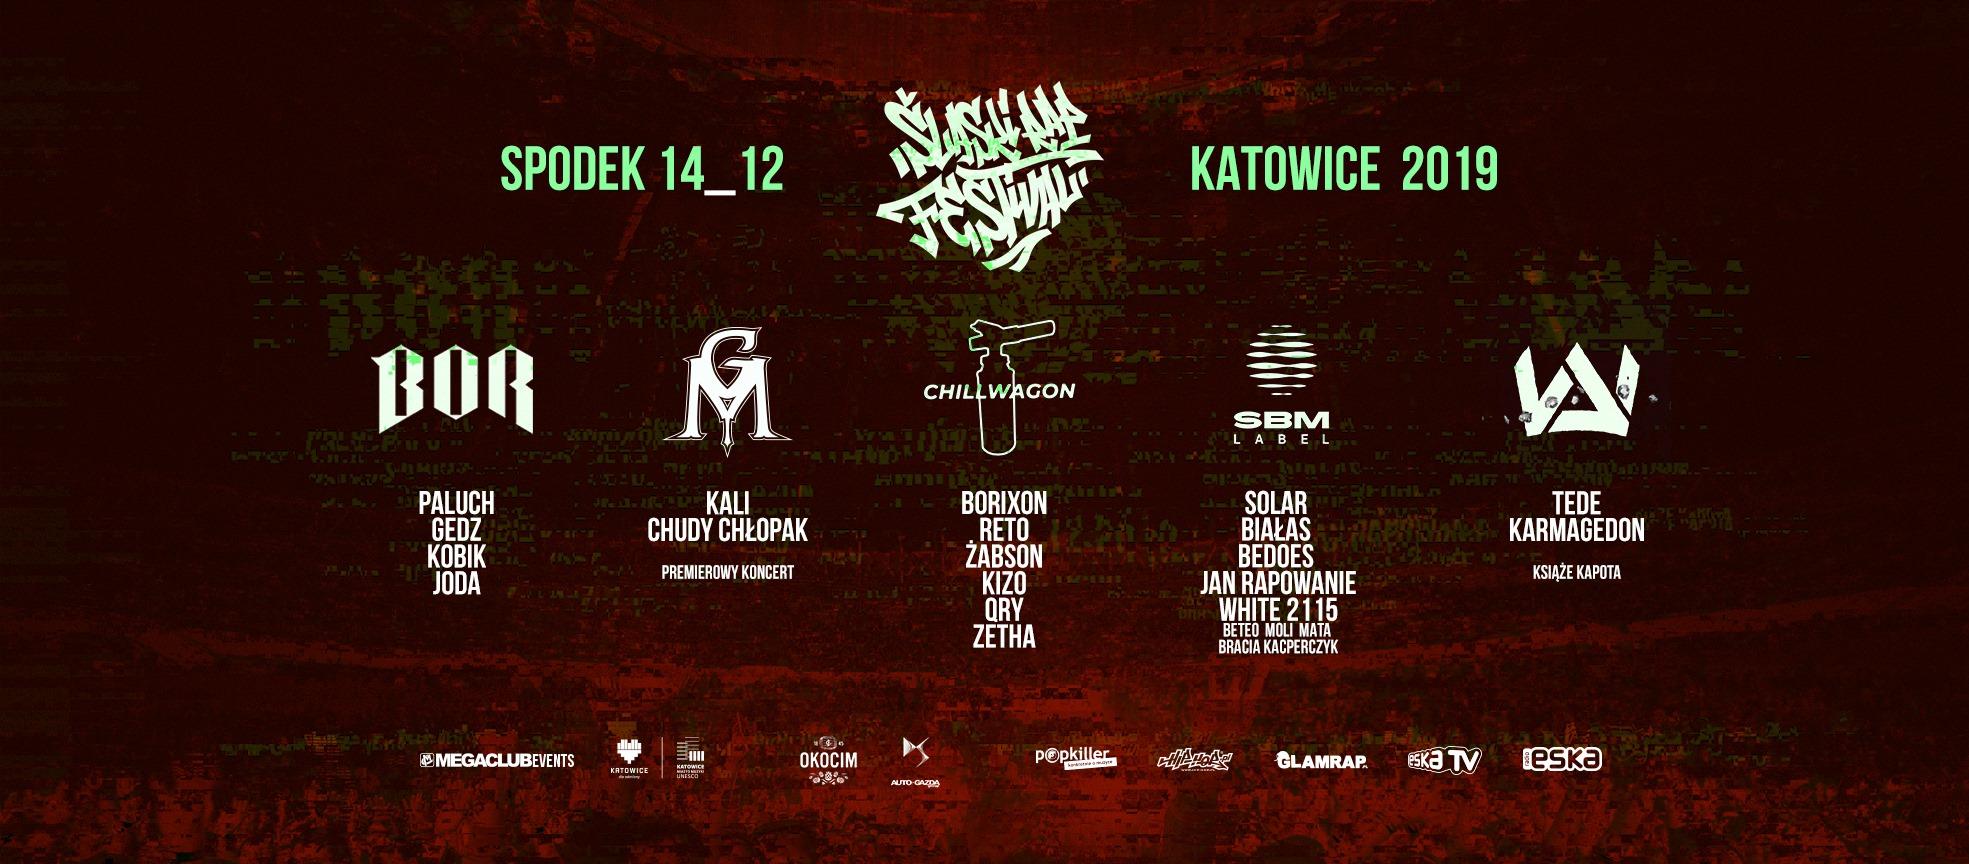 Śląski Rap Festival 2019 || Line – up już znany!